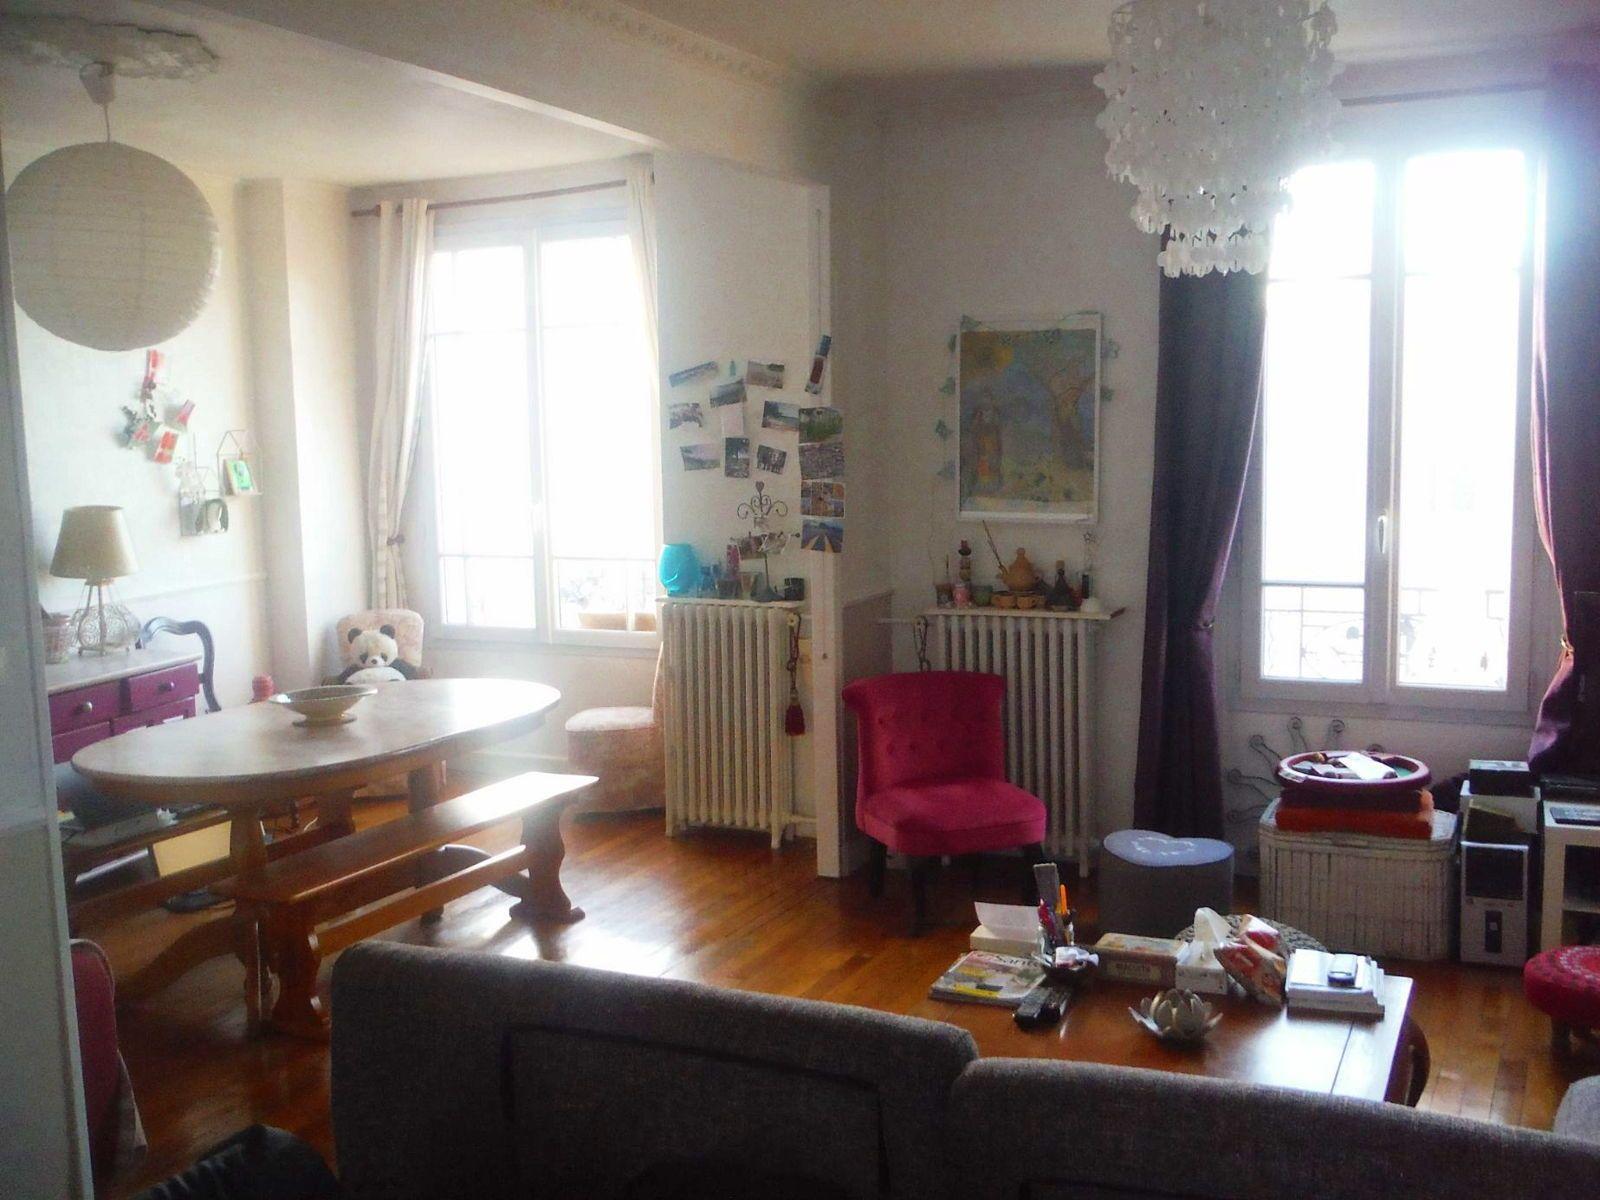 Vends appartement 2/3pièces 49m² à Mairie de Montreuil (93)